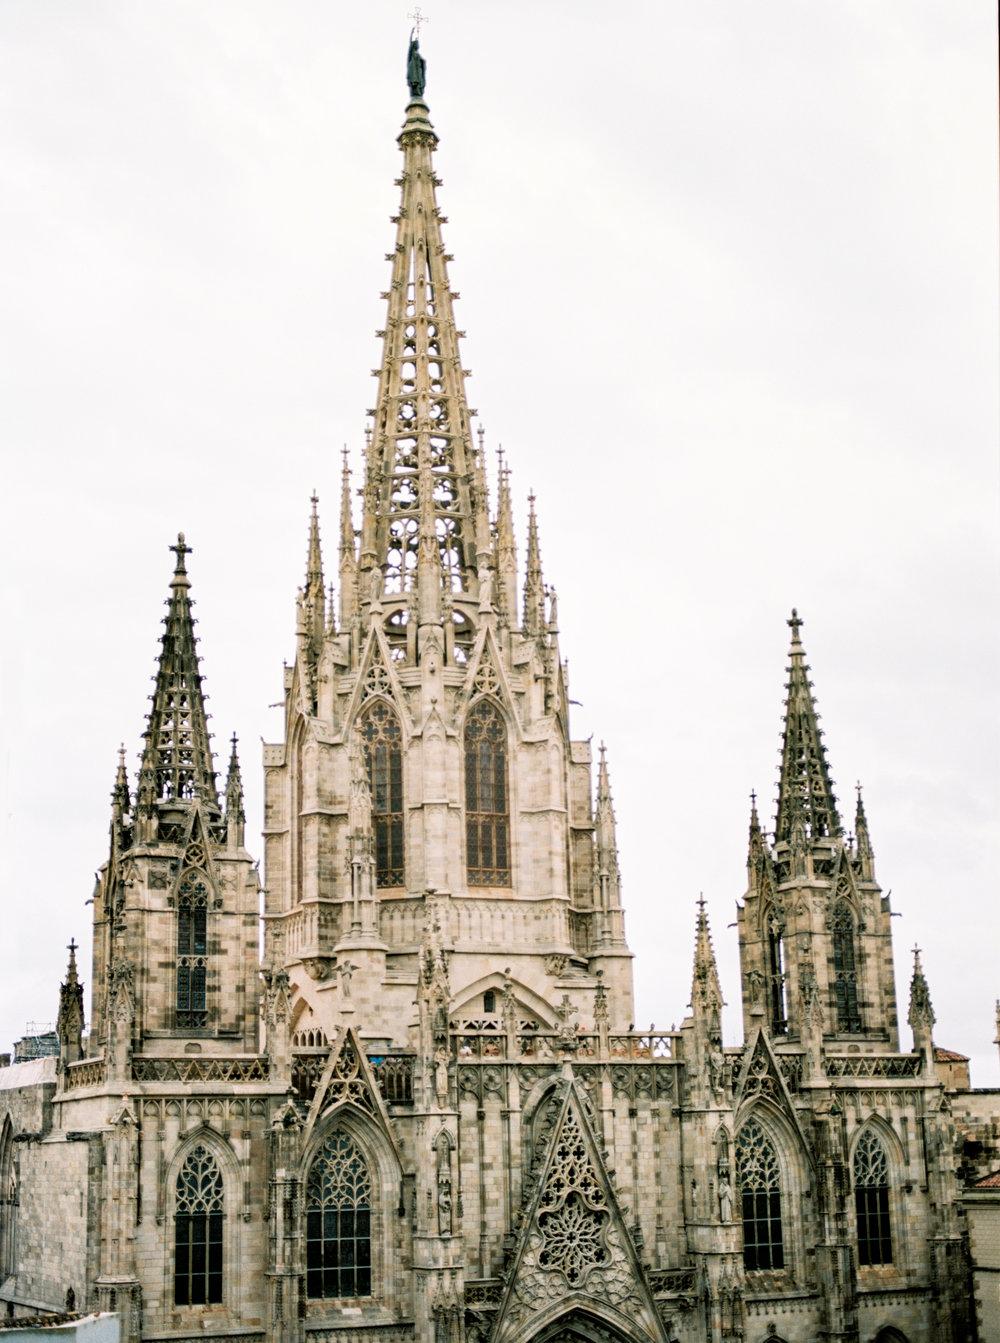 dennisroycoronel_barcelona_boudoir-1.jpg